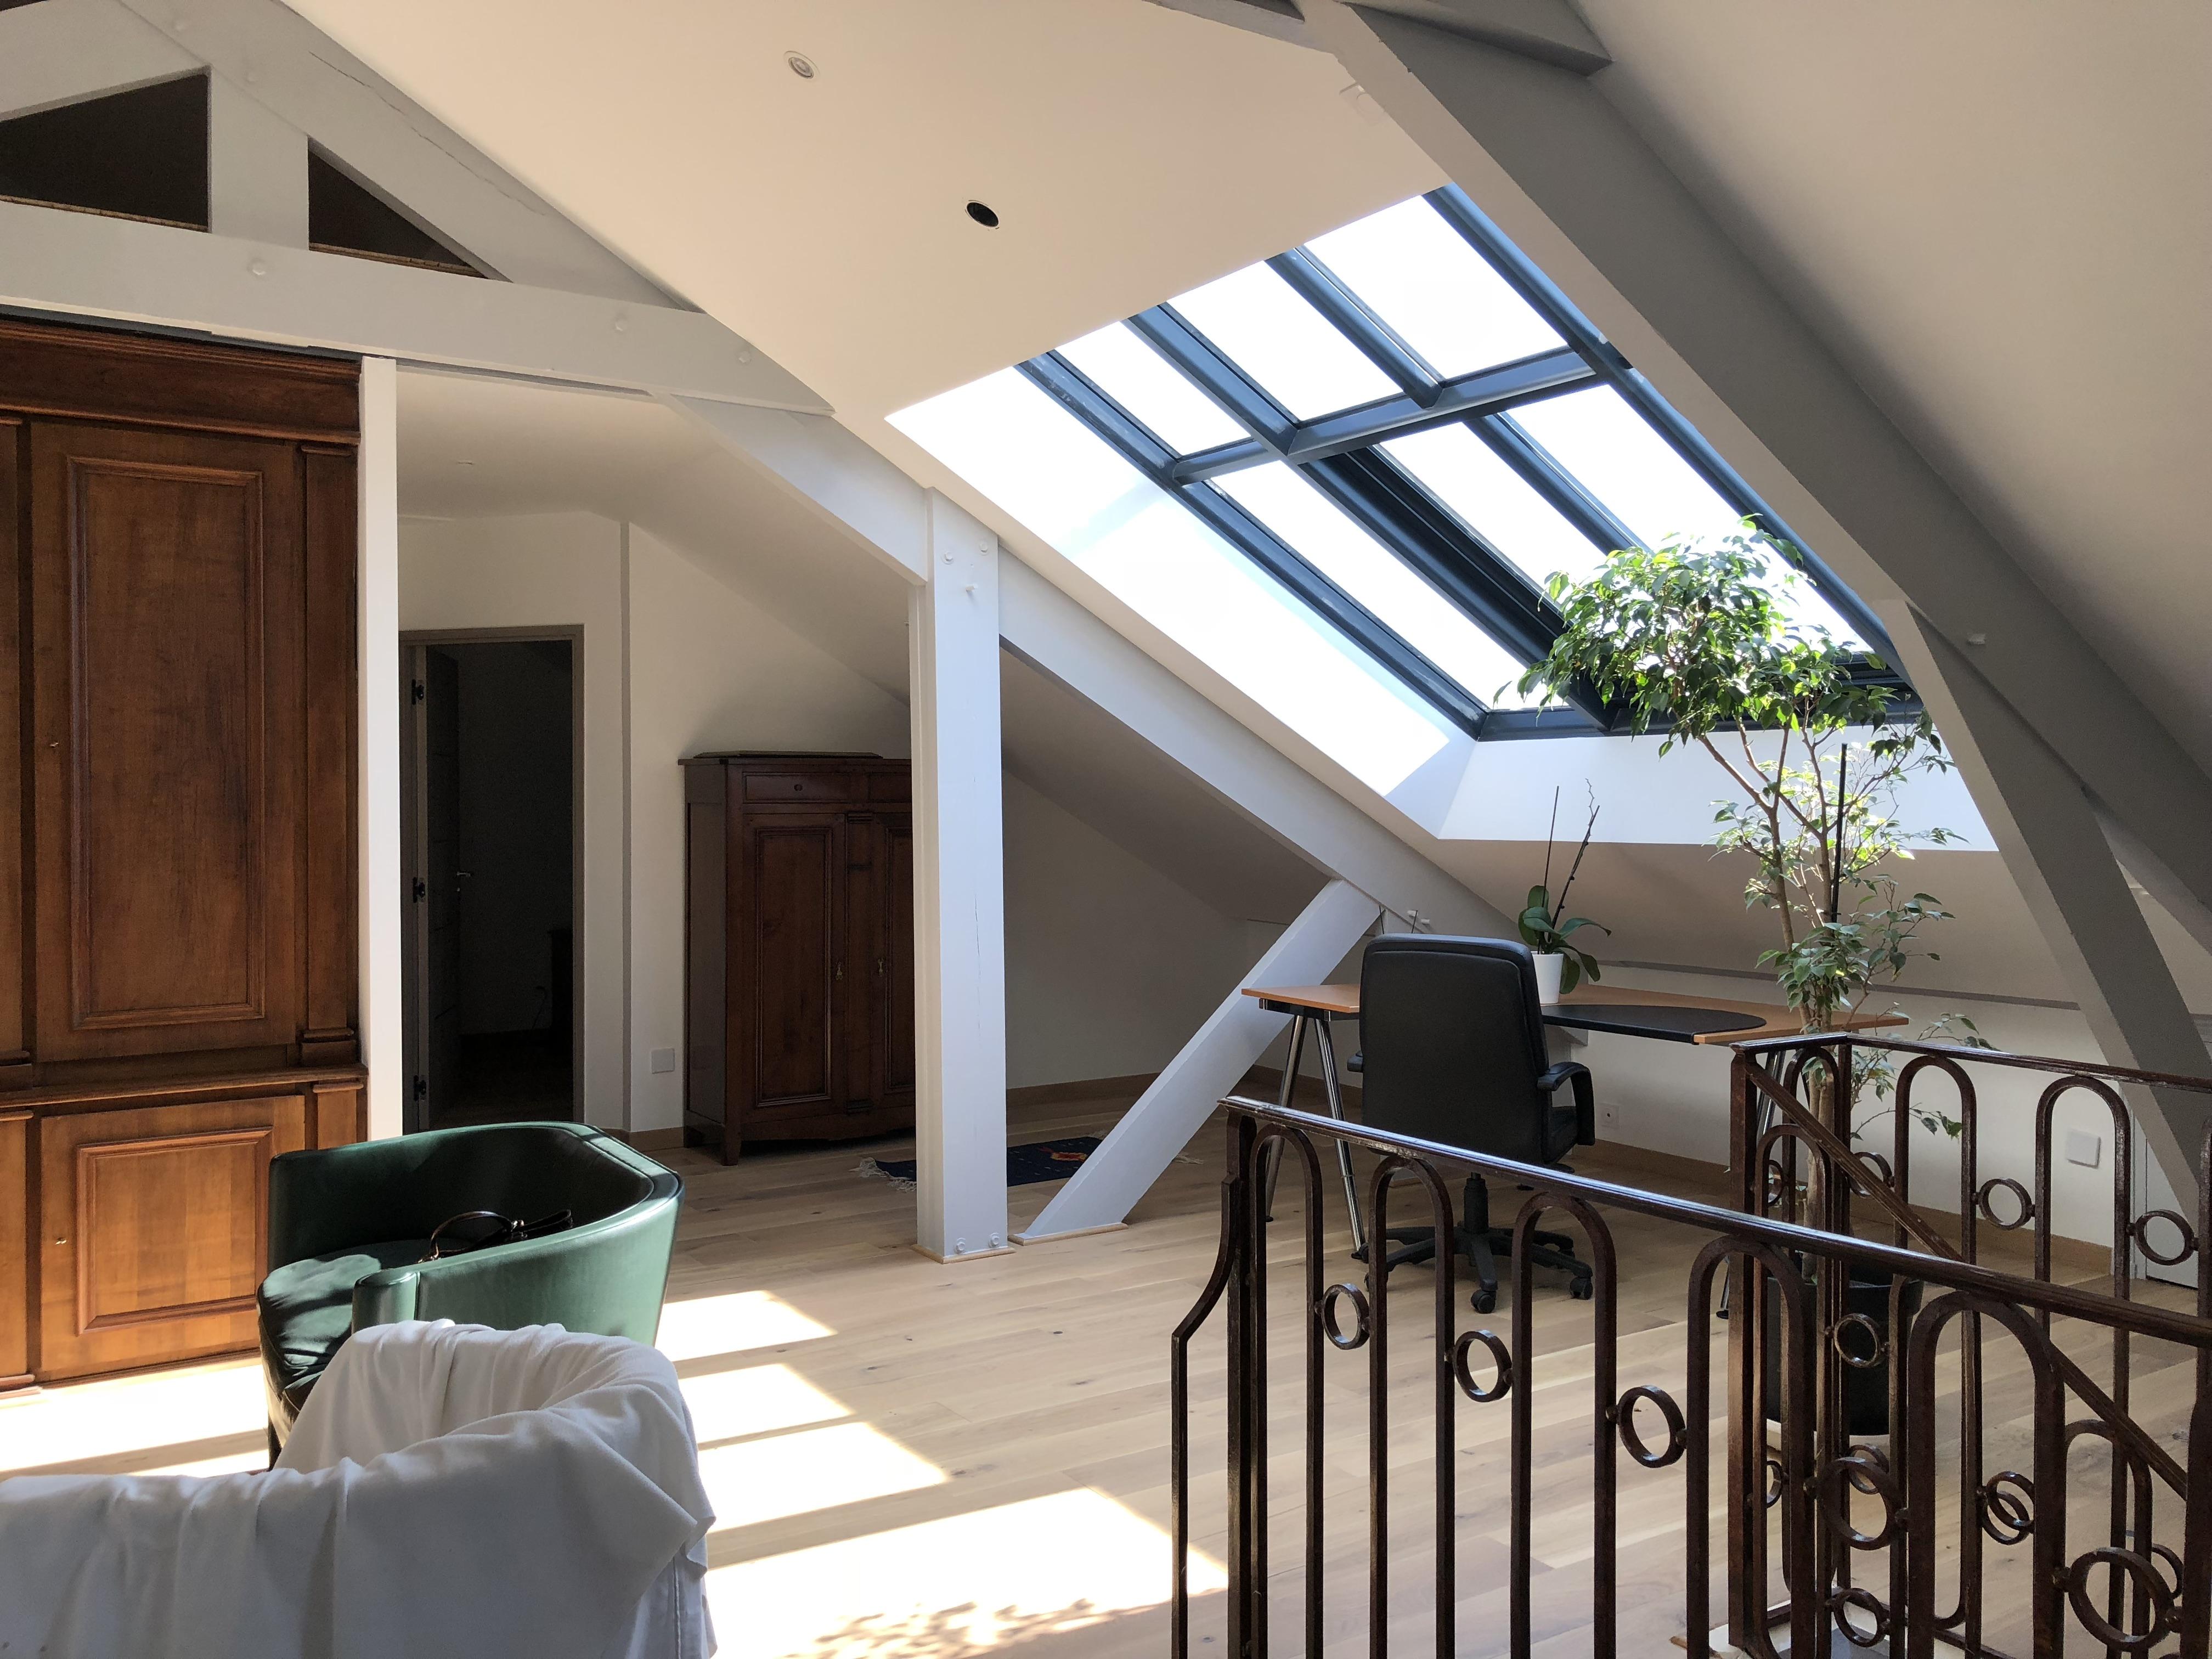 Installez une verrière pour faire entrer la lumière et donner du style à votre étage !